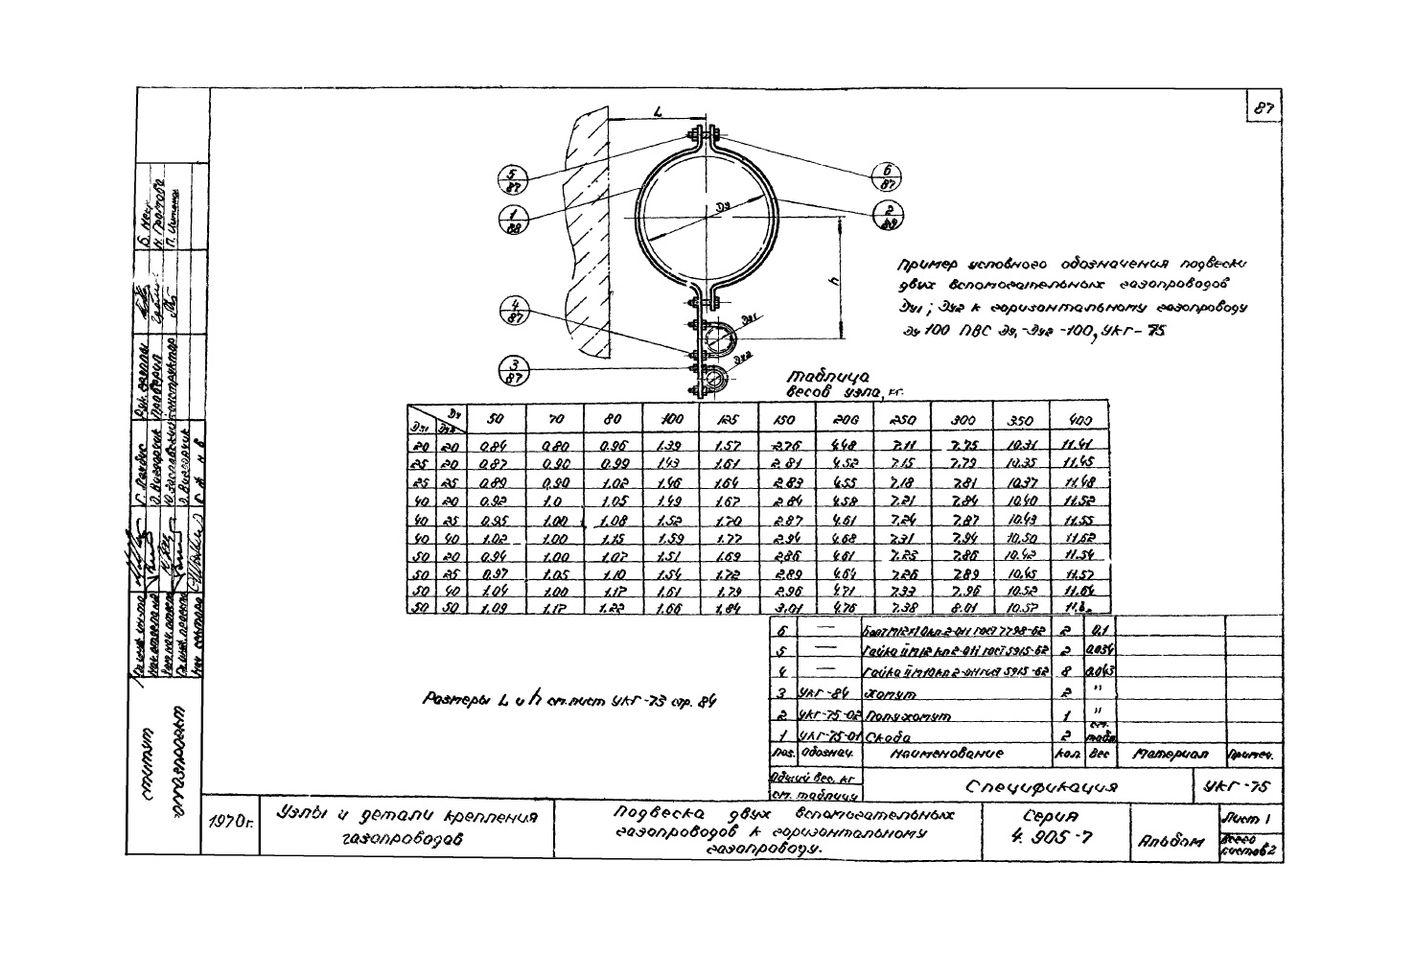 Подвеска двух вспомогательных газопроводов к горизонтальному газопроводу УКГ-75 серия 4.905-7